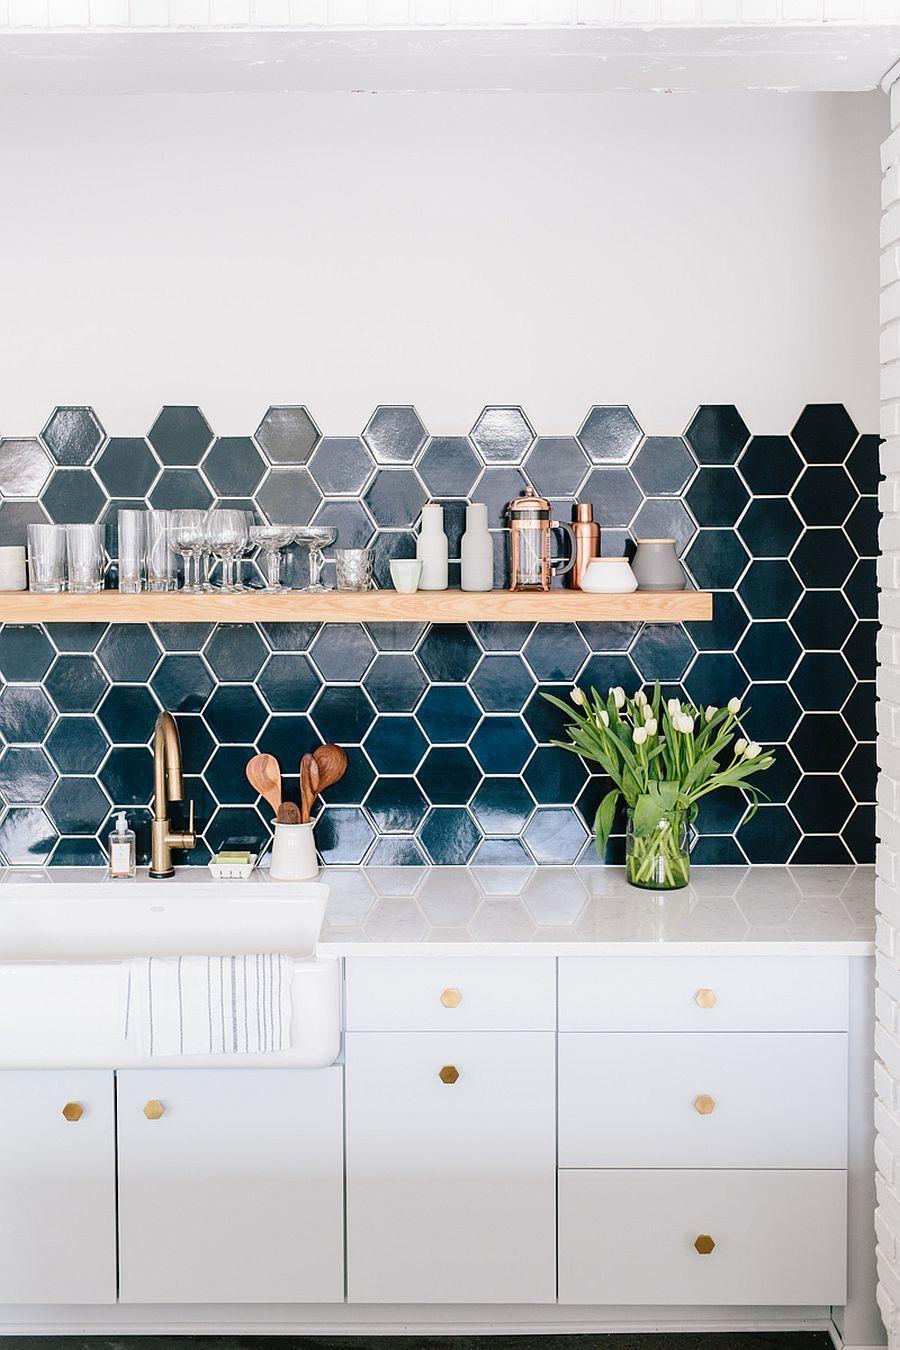 10 Hexagonal Tiles Ideas for Kitchen Backsplash, Floor and More